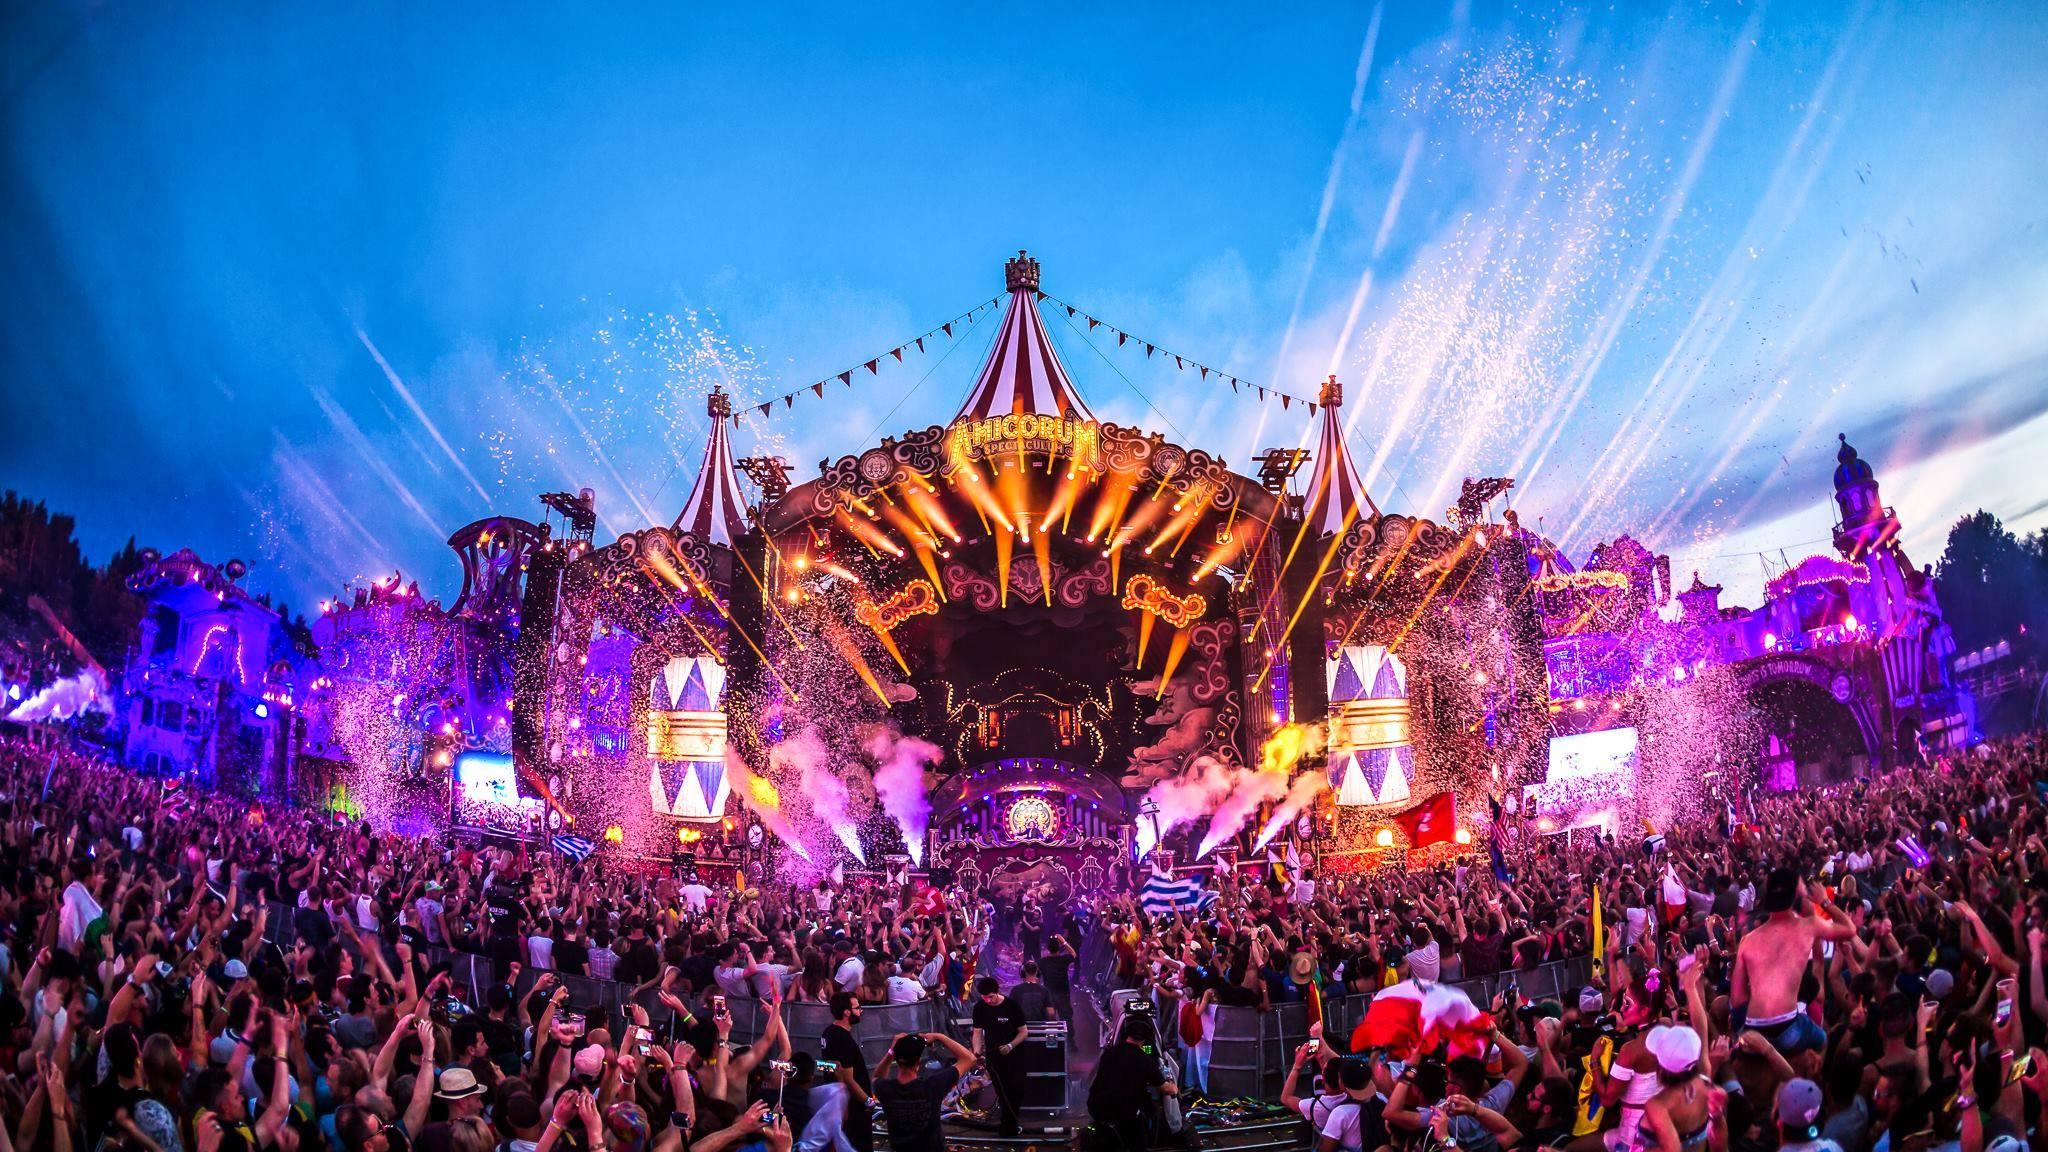 Arriva a Monza il Tomorrowland, il noto festival di musica elettronica